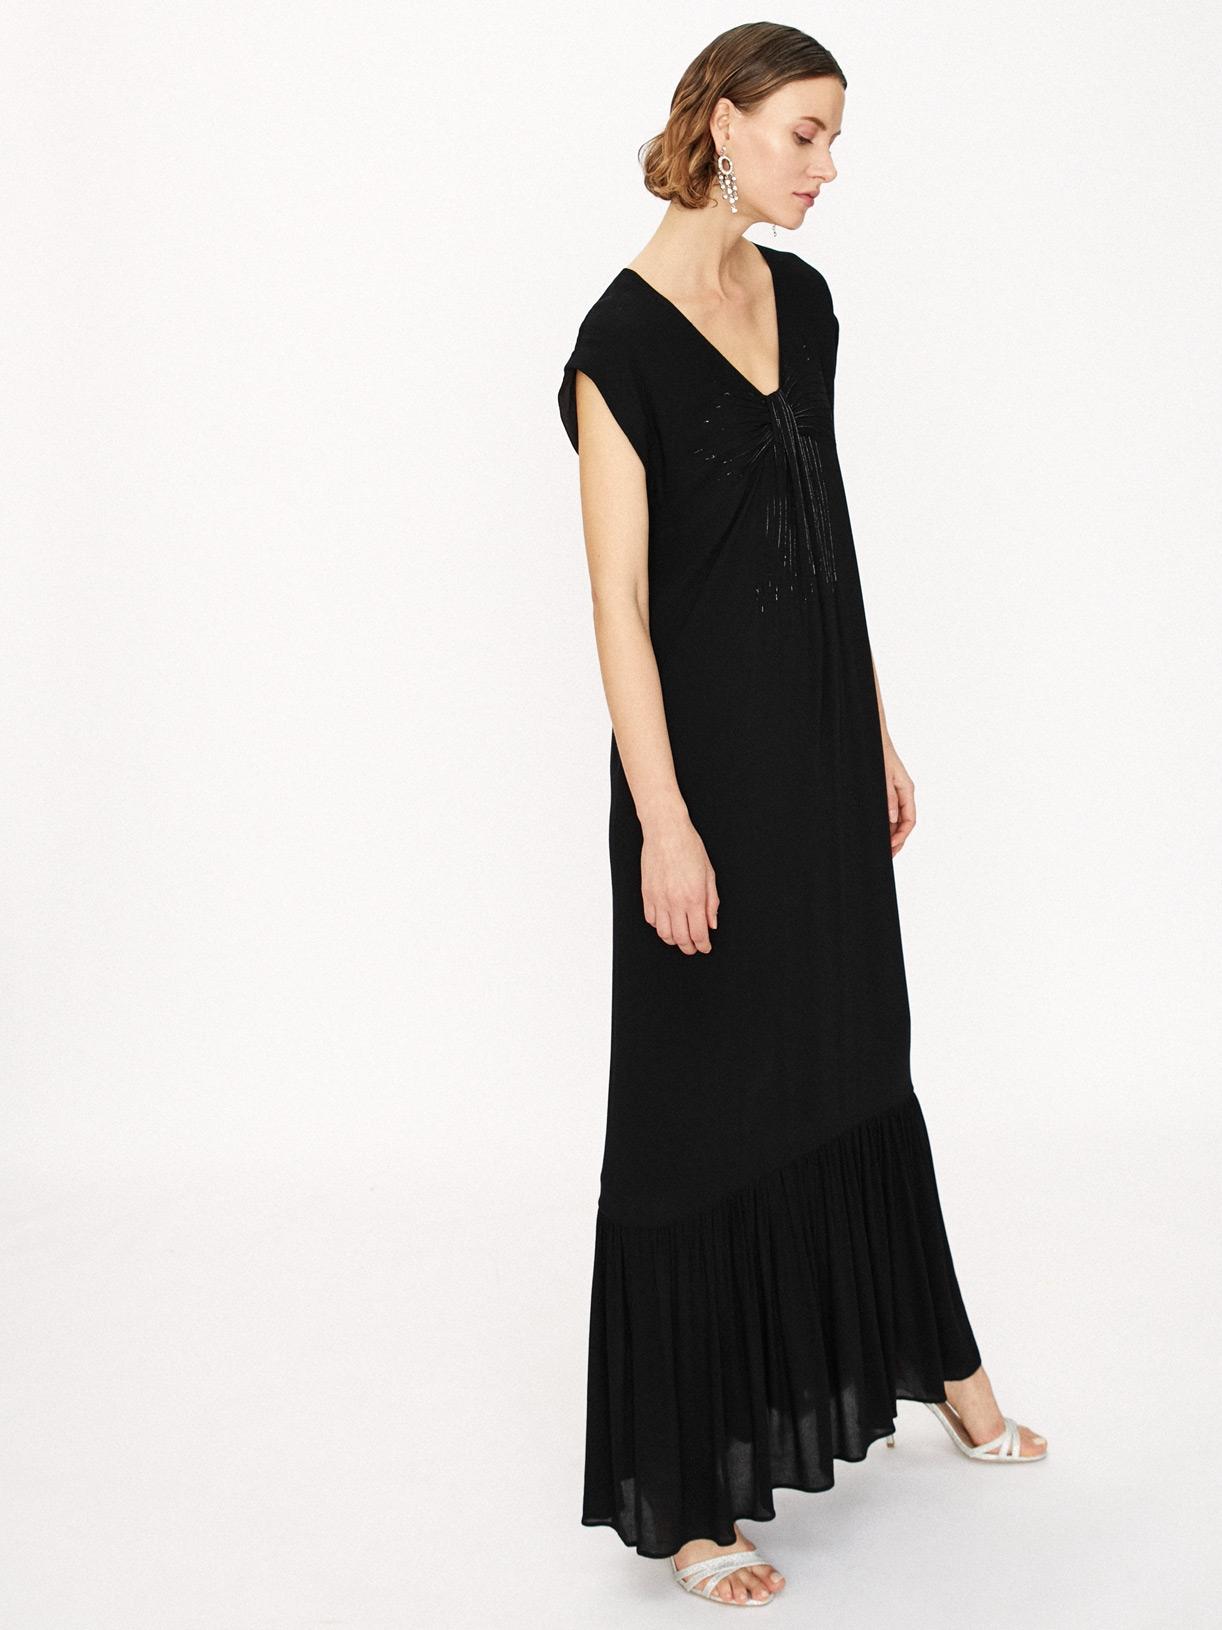 Robe de soirée noire longue éthique et sur-mesure Lola - Myphilosophy